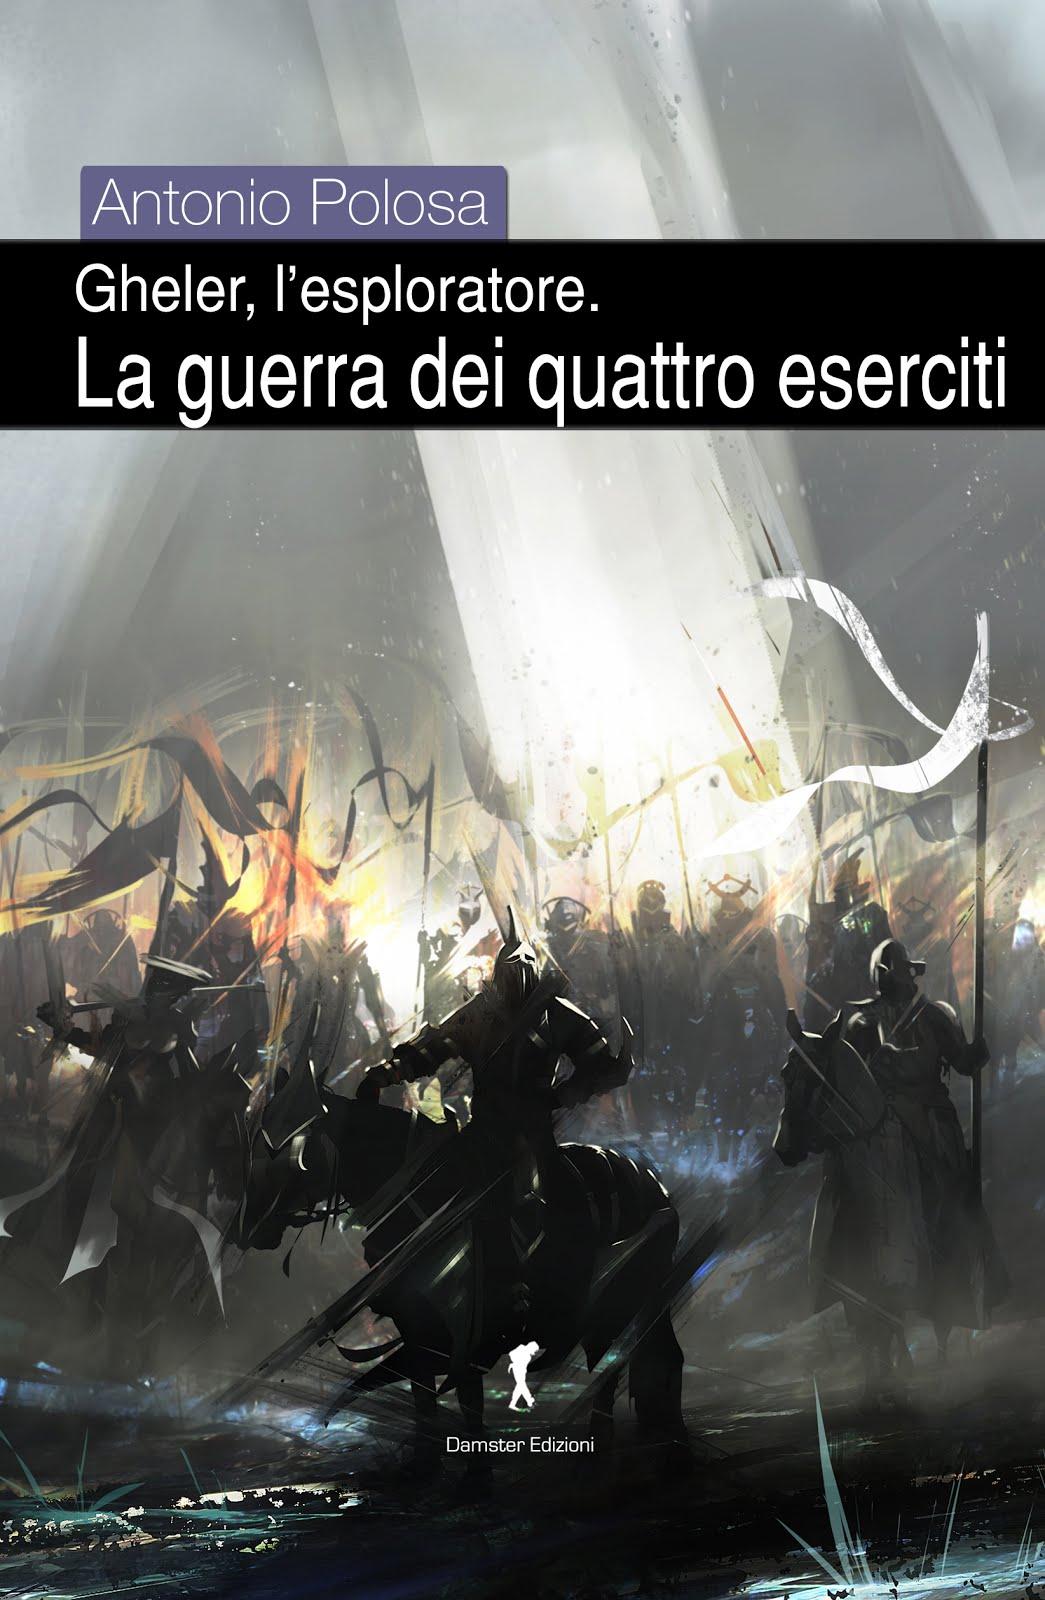 3) La guerra dei quattro eserciti